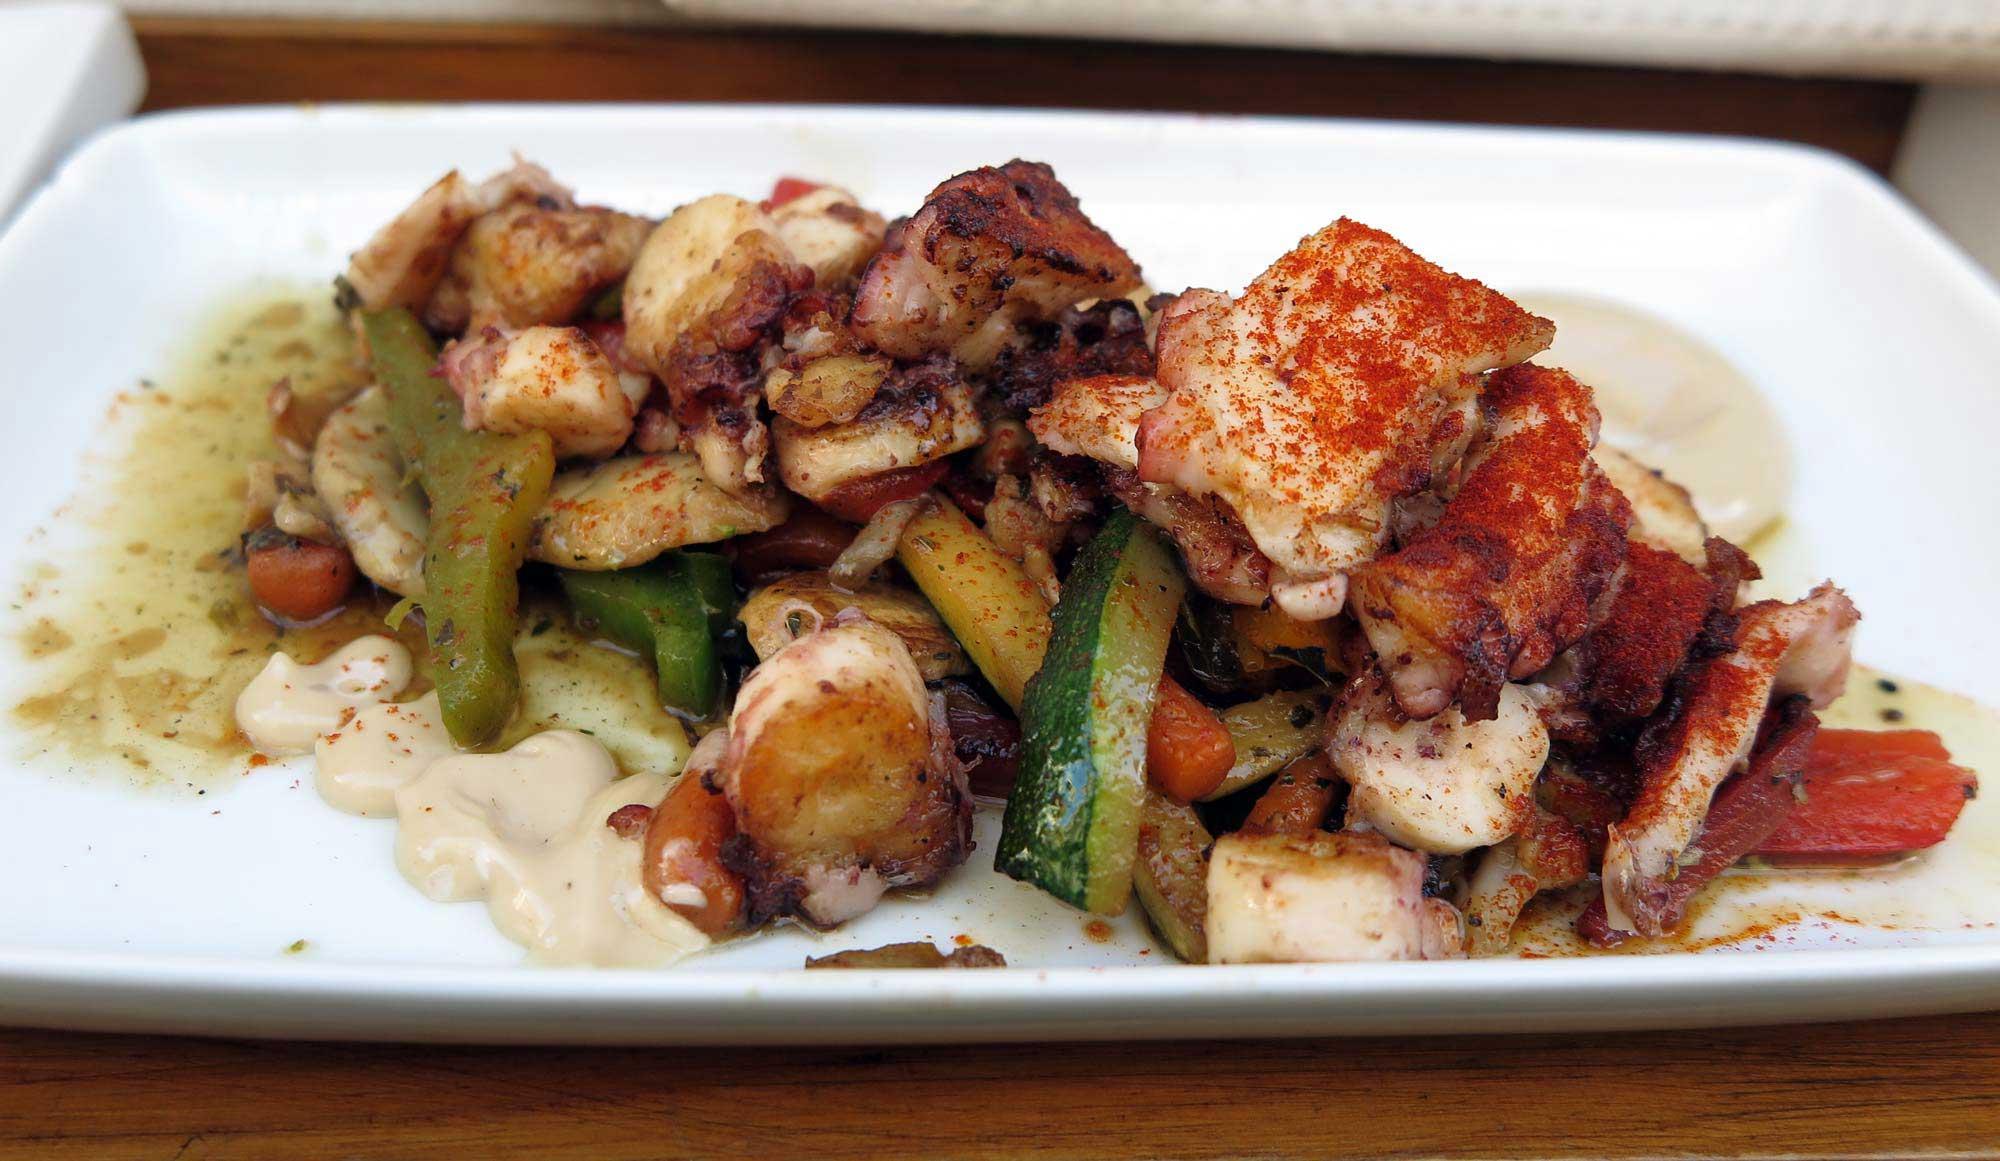 채소와 간장, 마요네이즈를 곁들인 구운 문어 타파스. 가격은 타파스지만 음식의 맛과 양은 일품요리 수준이다.